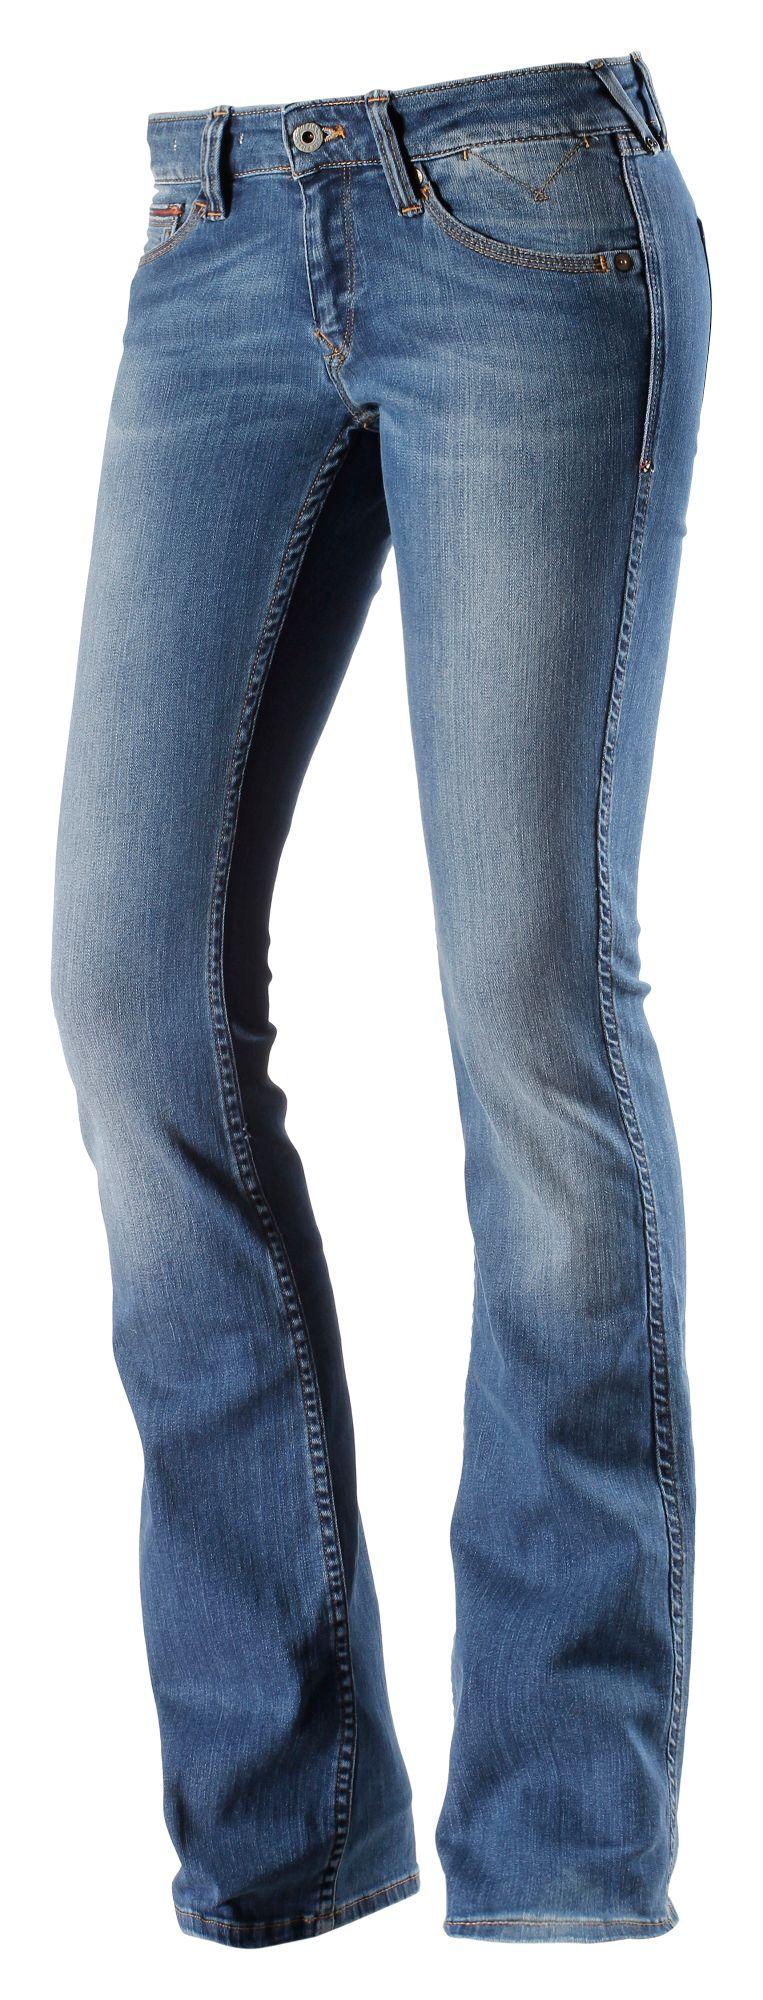 Tommy Hilfiger Sophie Bootcut Jeans Damen von SportScheck  in black - Schwarz für 29,95€